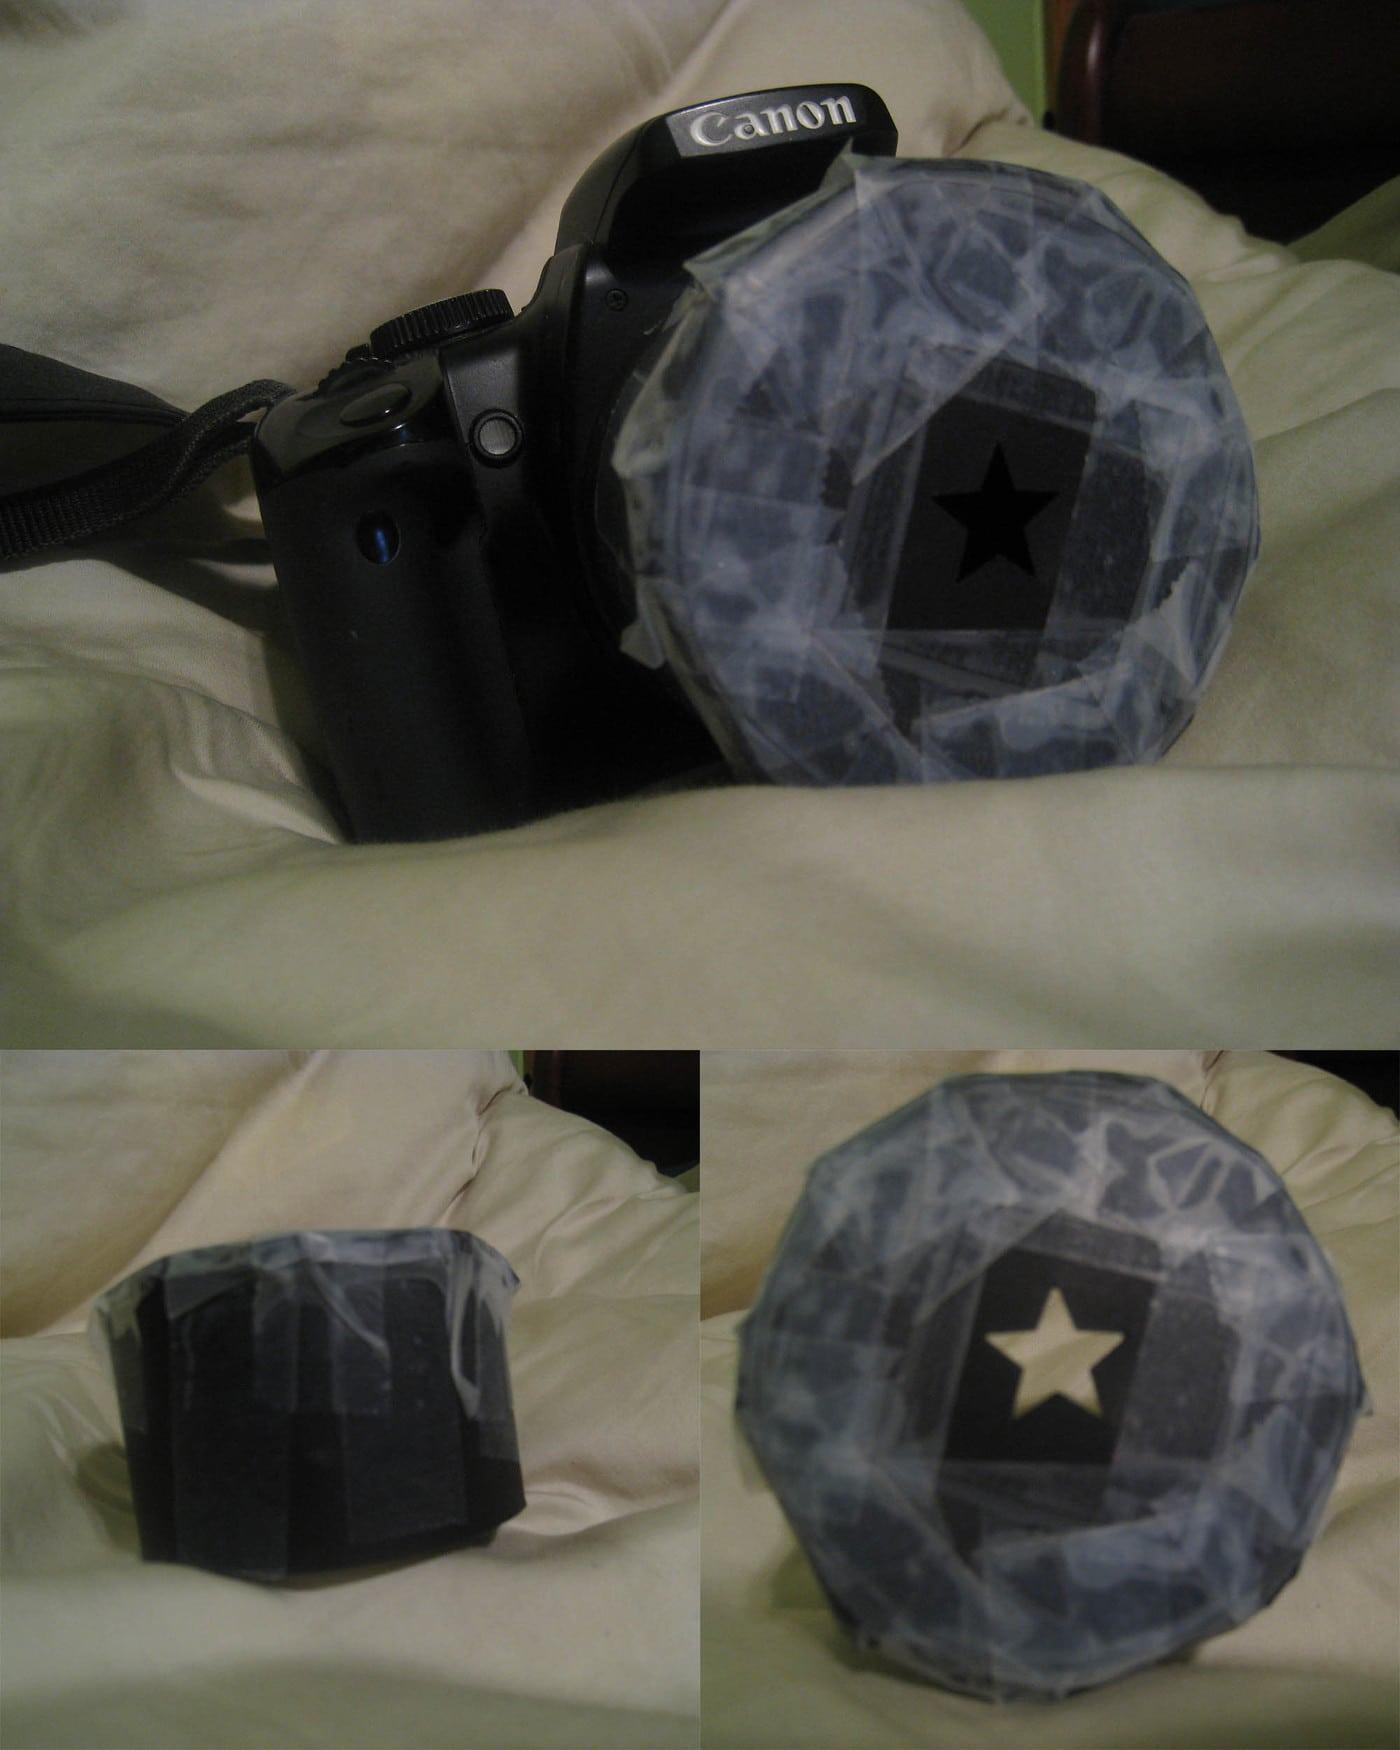 Homemade bokeh star lens